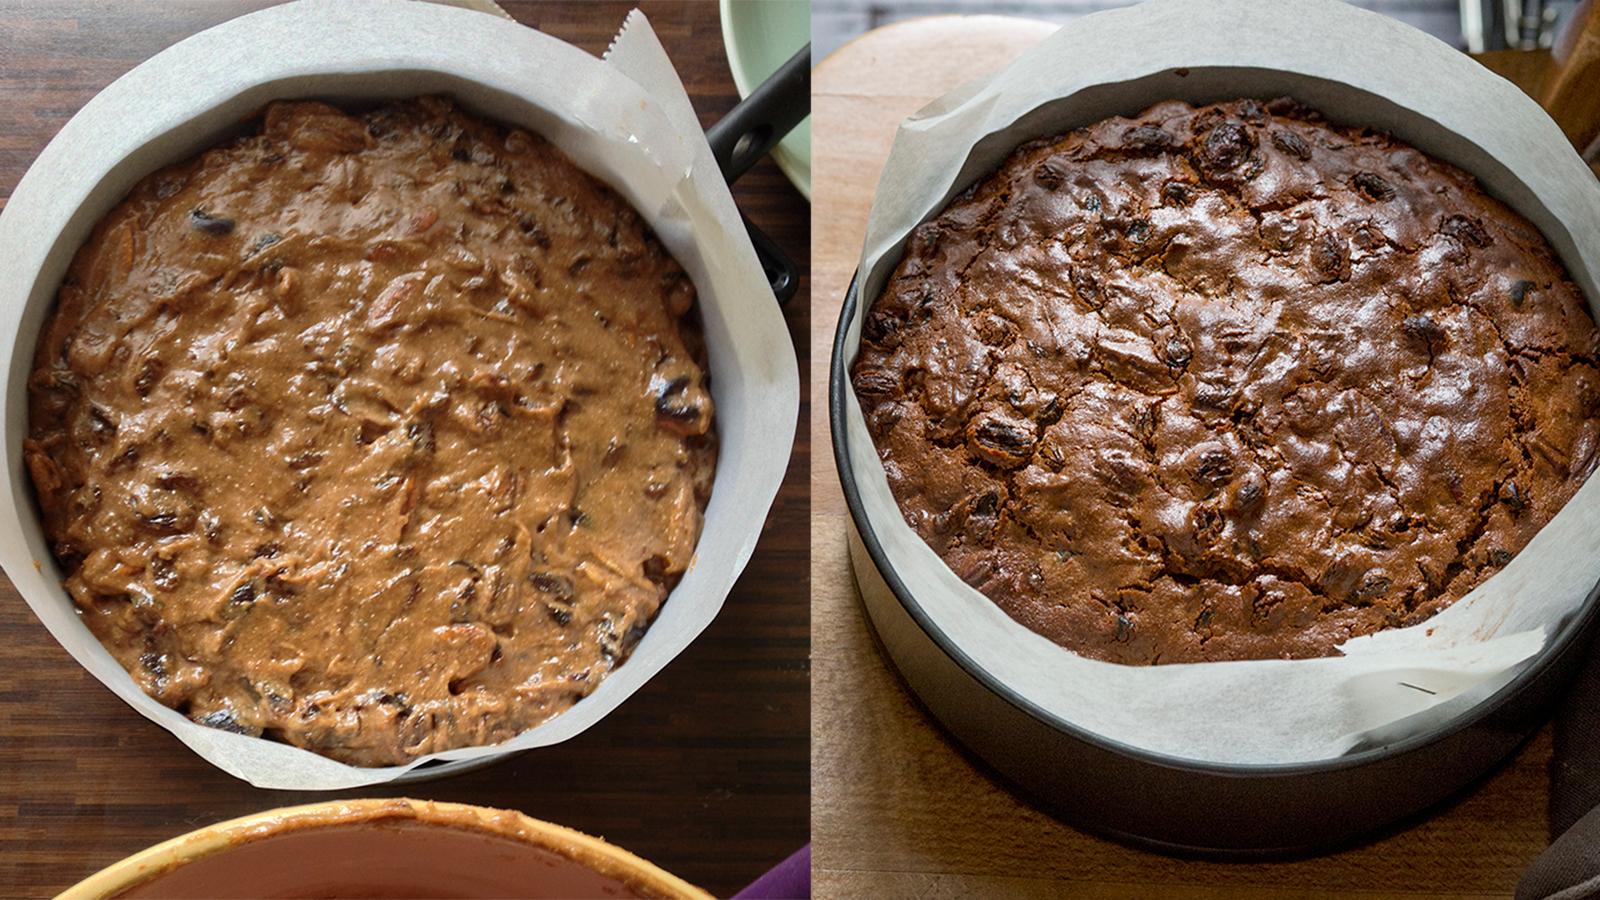 Recipe: Chestnut, sourdough and rum Christmas cake